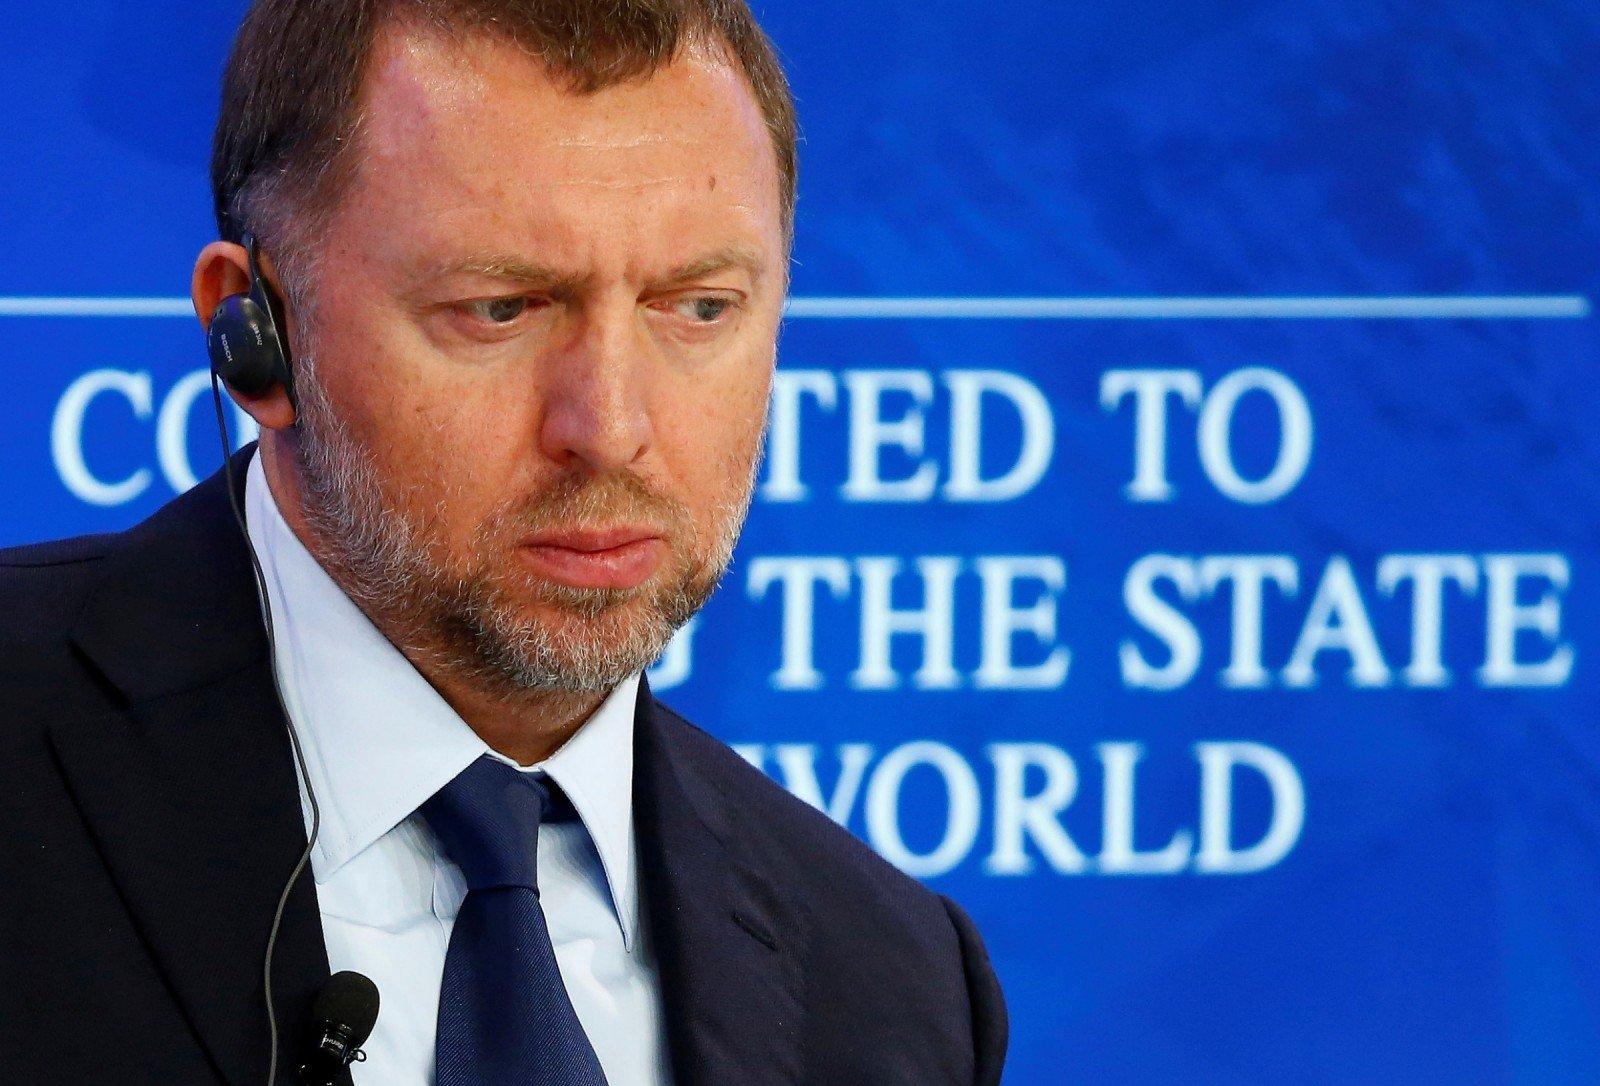 Кипрские СМИ сообщили о лишении олигарха Олега Дерипаски гражданства Кипра